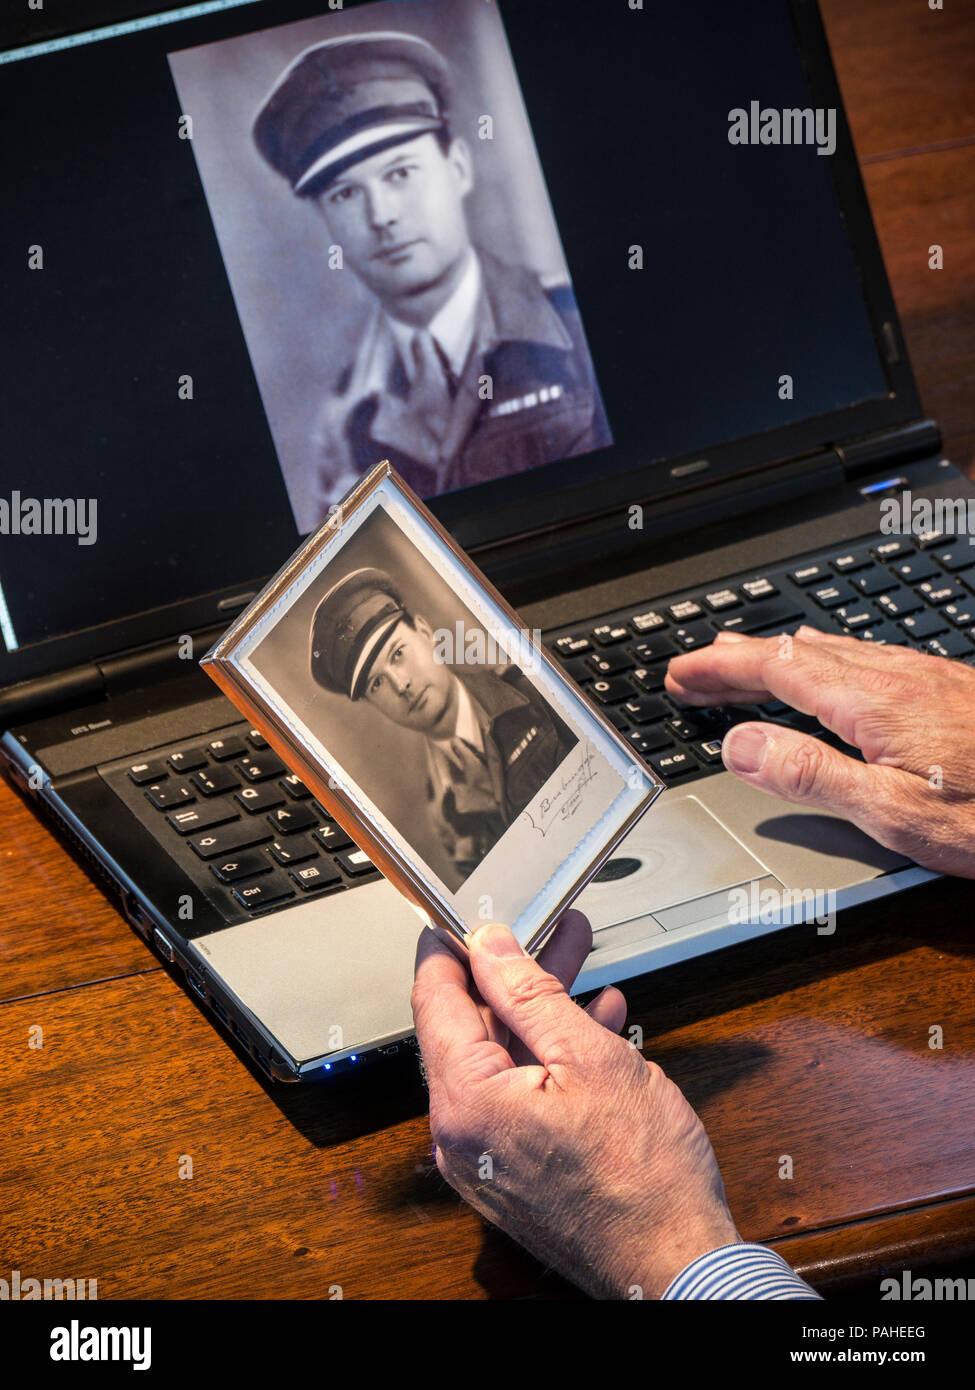 Hand holding old 1940 sépia photographie d'un officier de l'Armée britannique en uniforme avec la même image numérisée sur ordinateur portable écran derrière Photo Stock